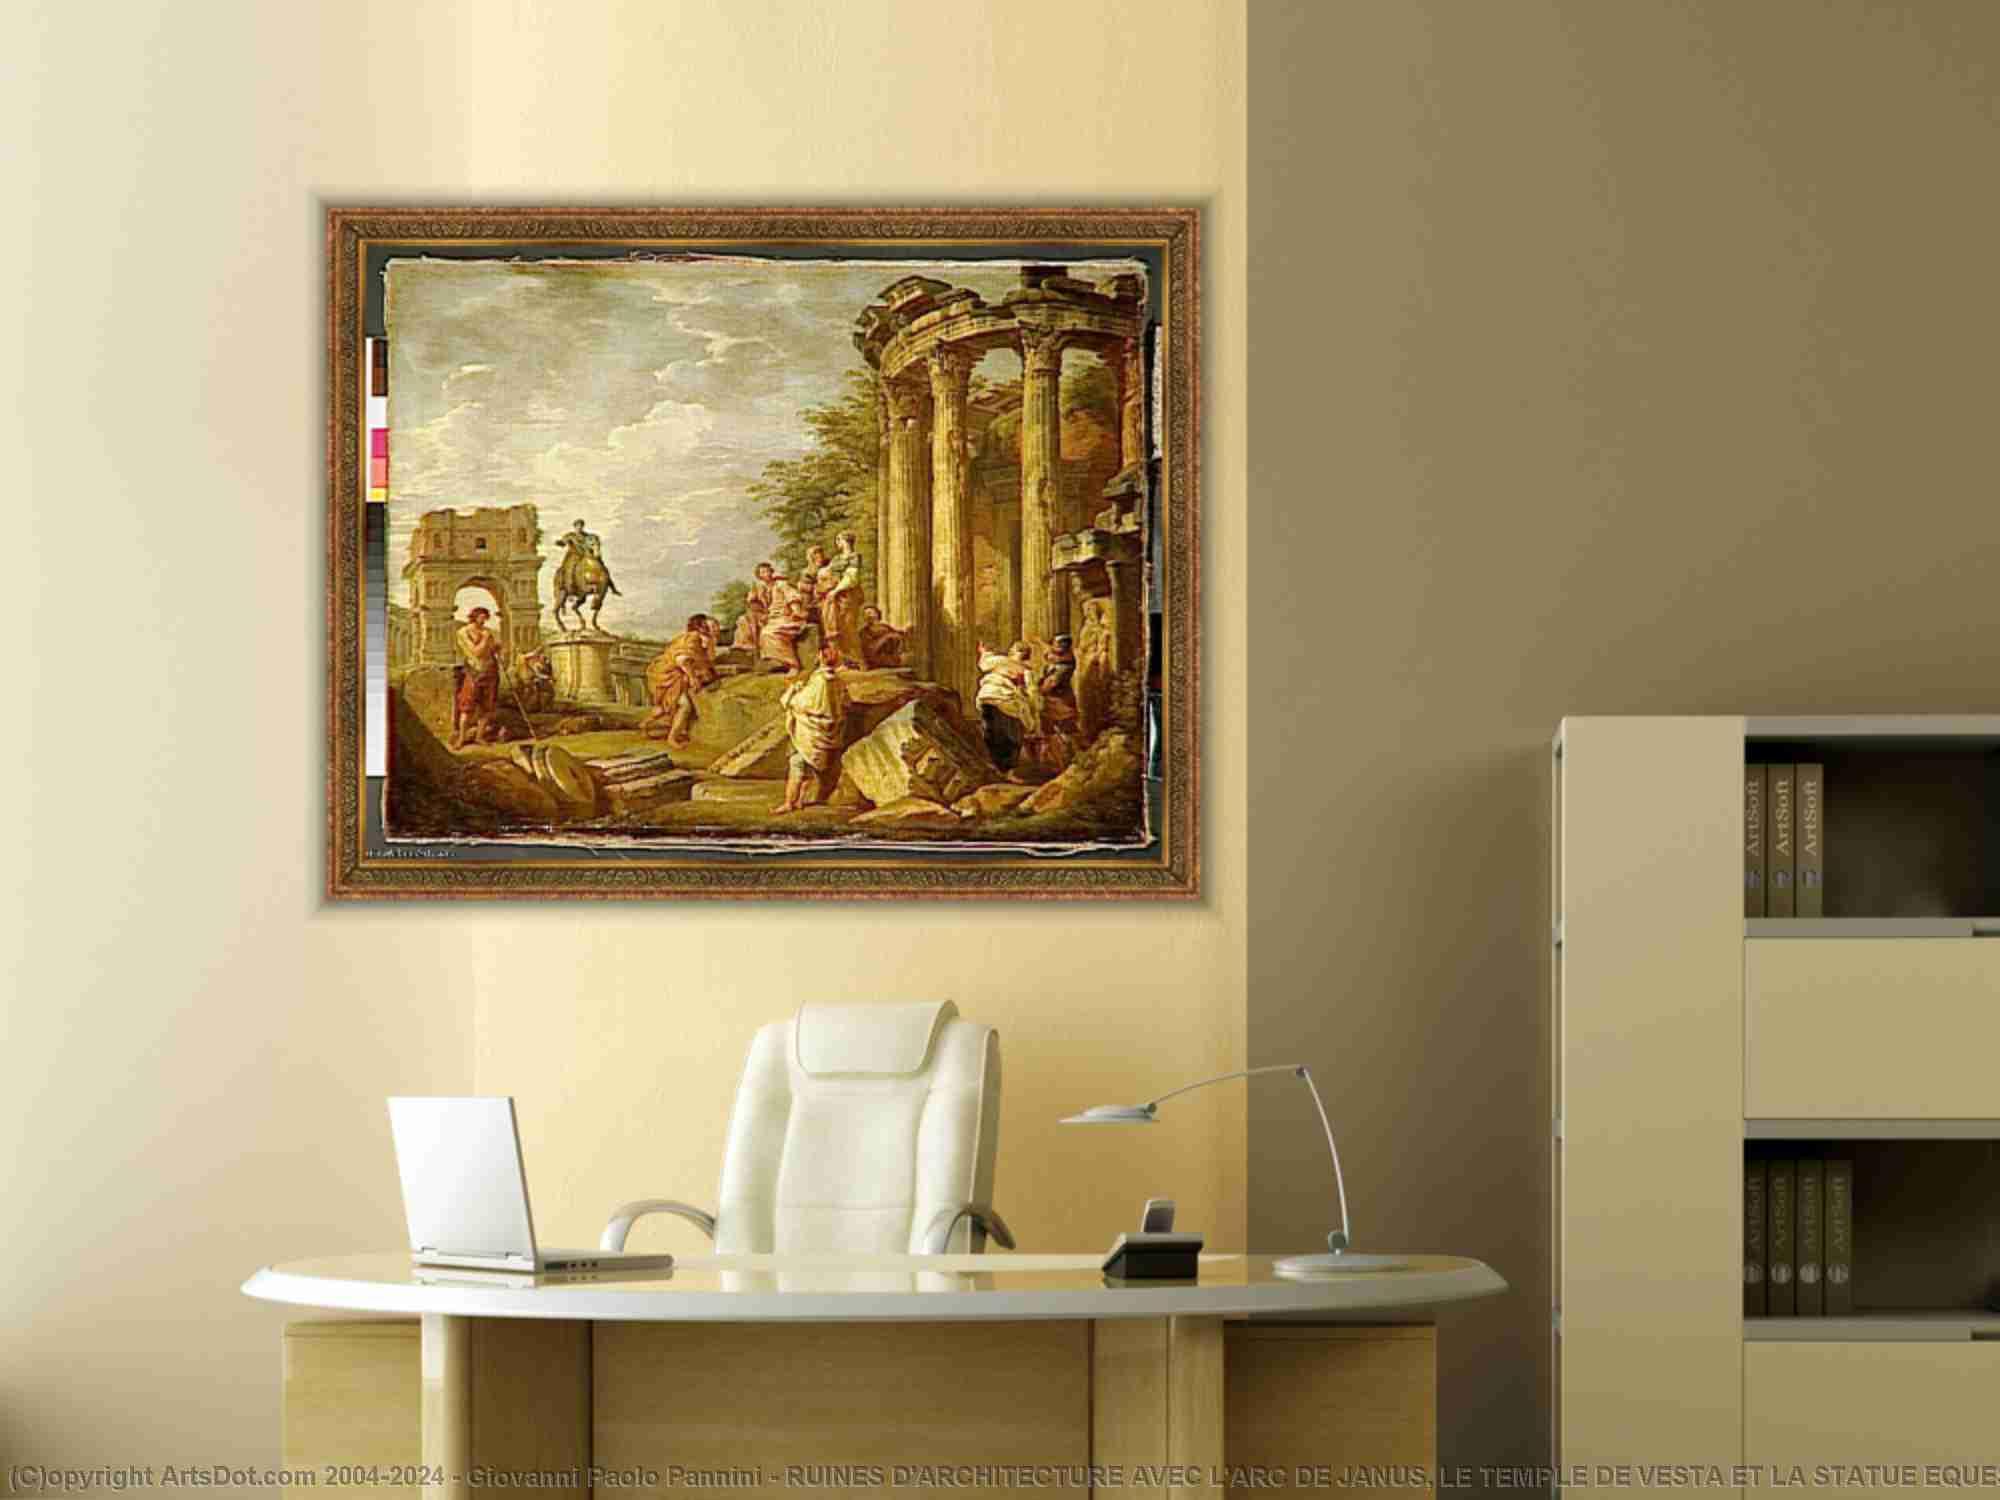 Giovanni Paolo Pannini - 廃墟 D-ARCHITECTURE AVECの L-ARC デ ヤヌス , レ テンプル・ドゥ ベスタ ら ラ 像 平等 デ マルク AURELE